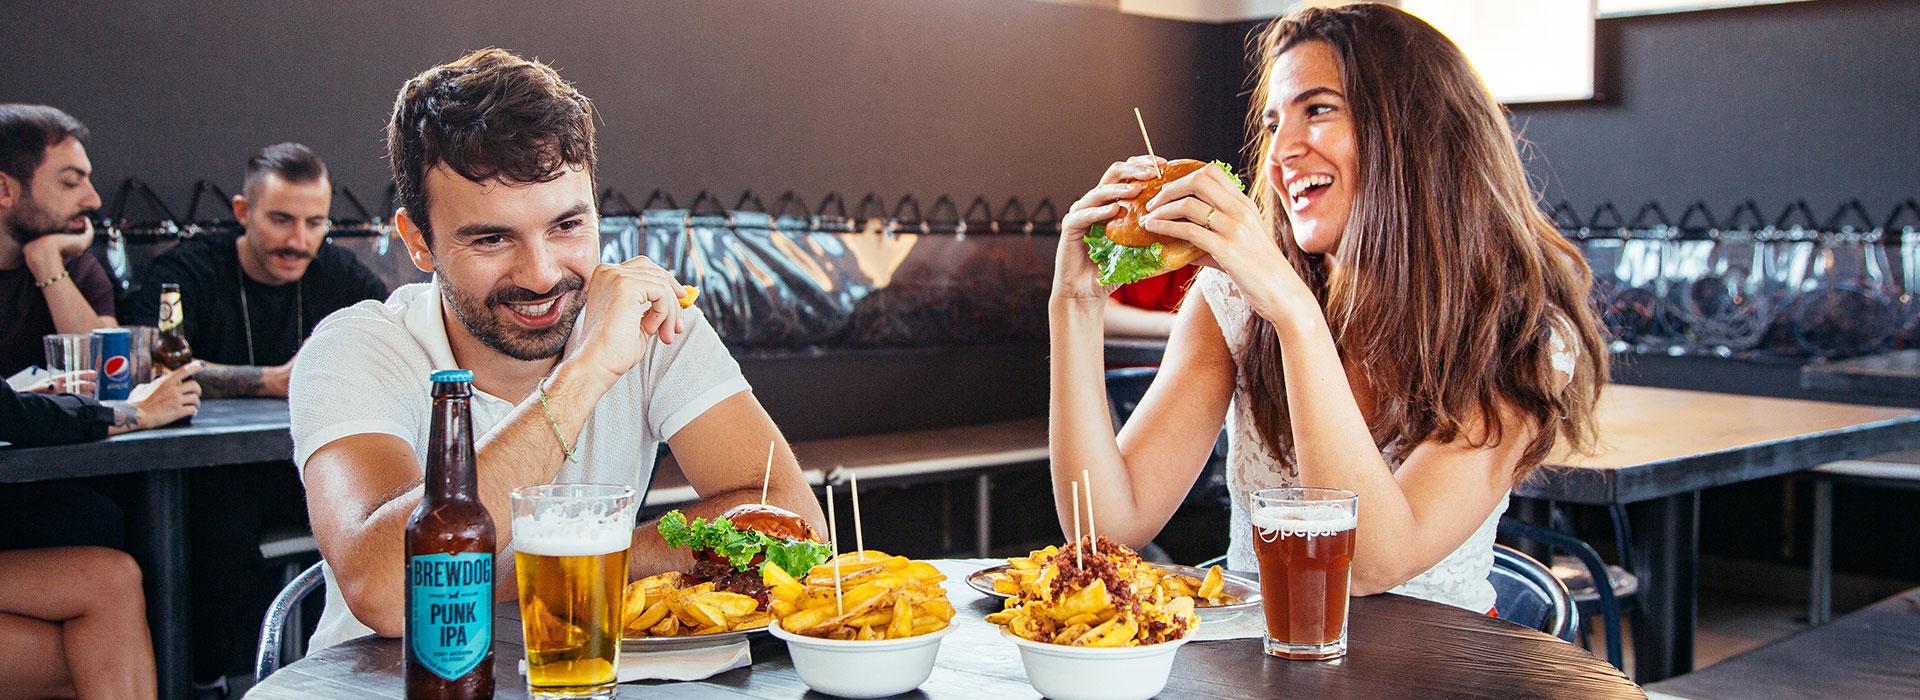 bonelli-coppia_i-migliori-hamburger-italia_bonelli-burgers-imola-bologna_desktop